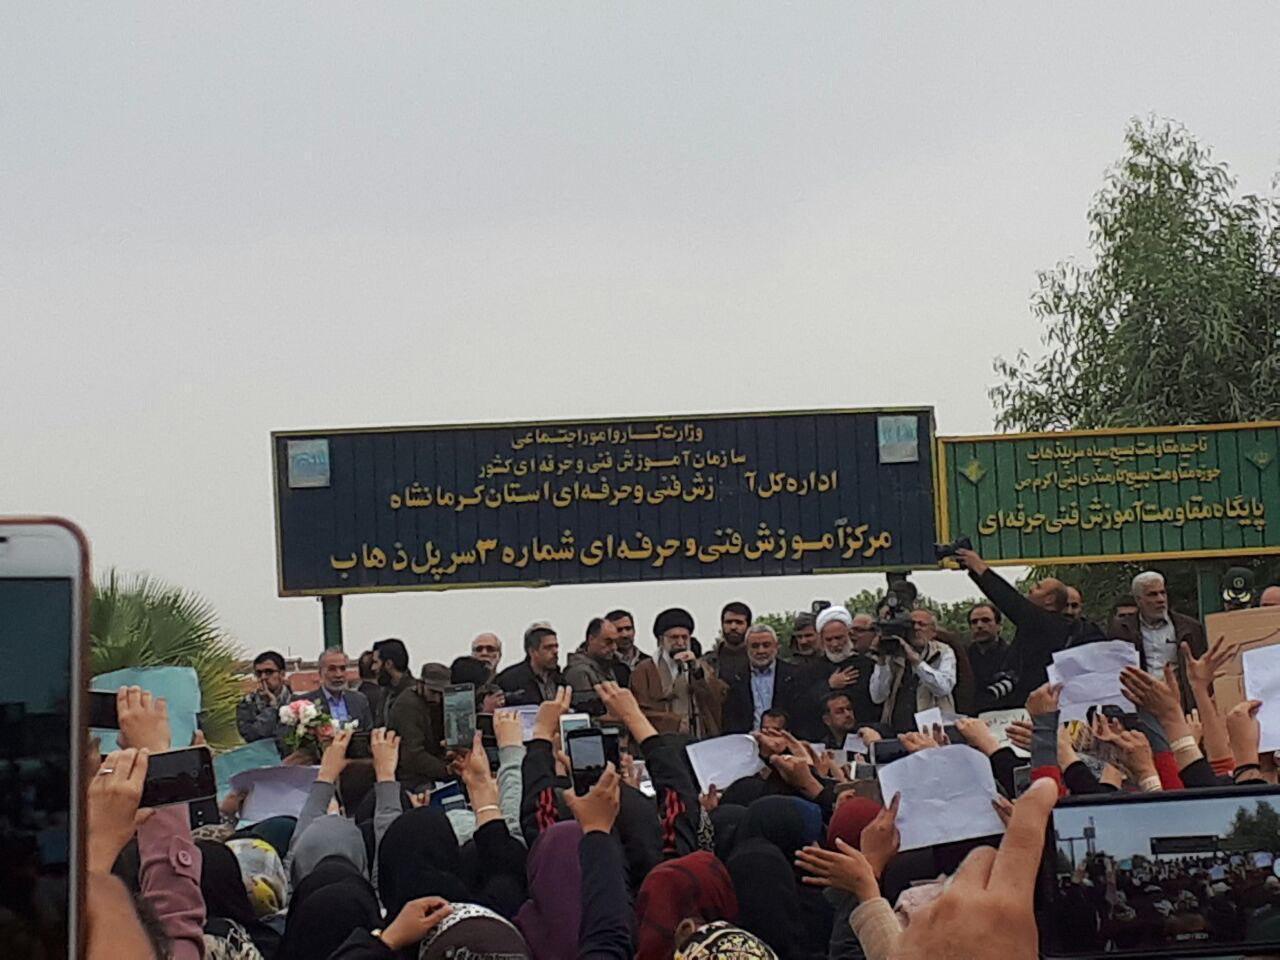 رهبر انقلاب برای دیدار با مردم داغدار و مصیبت زده کرمانشاه، وارد مناطق زلزلهزده شدند